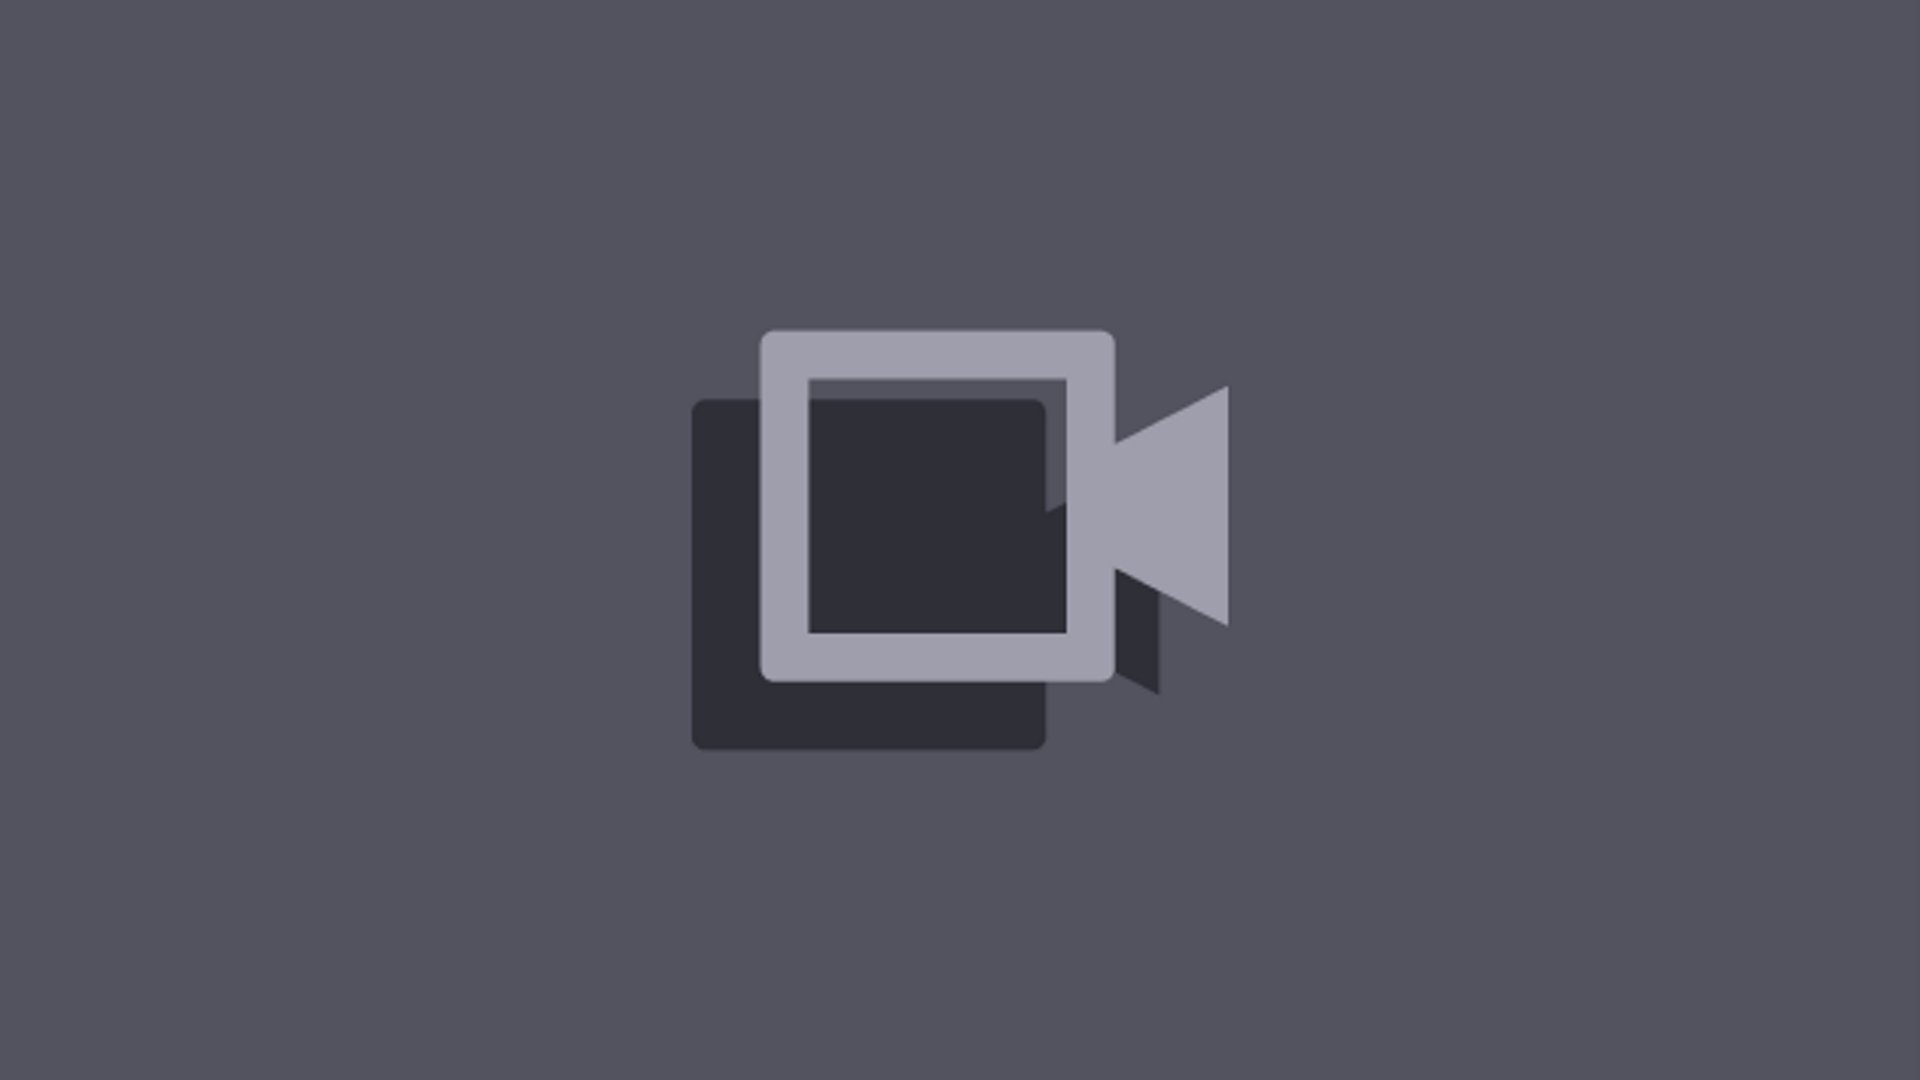 Делаю рекламное видео для YouTube